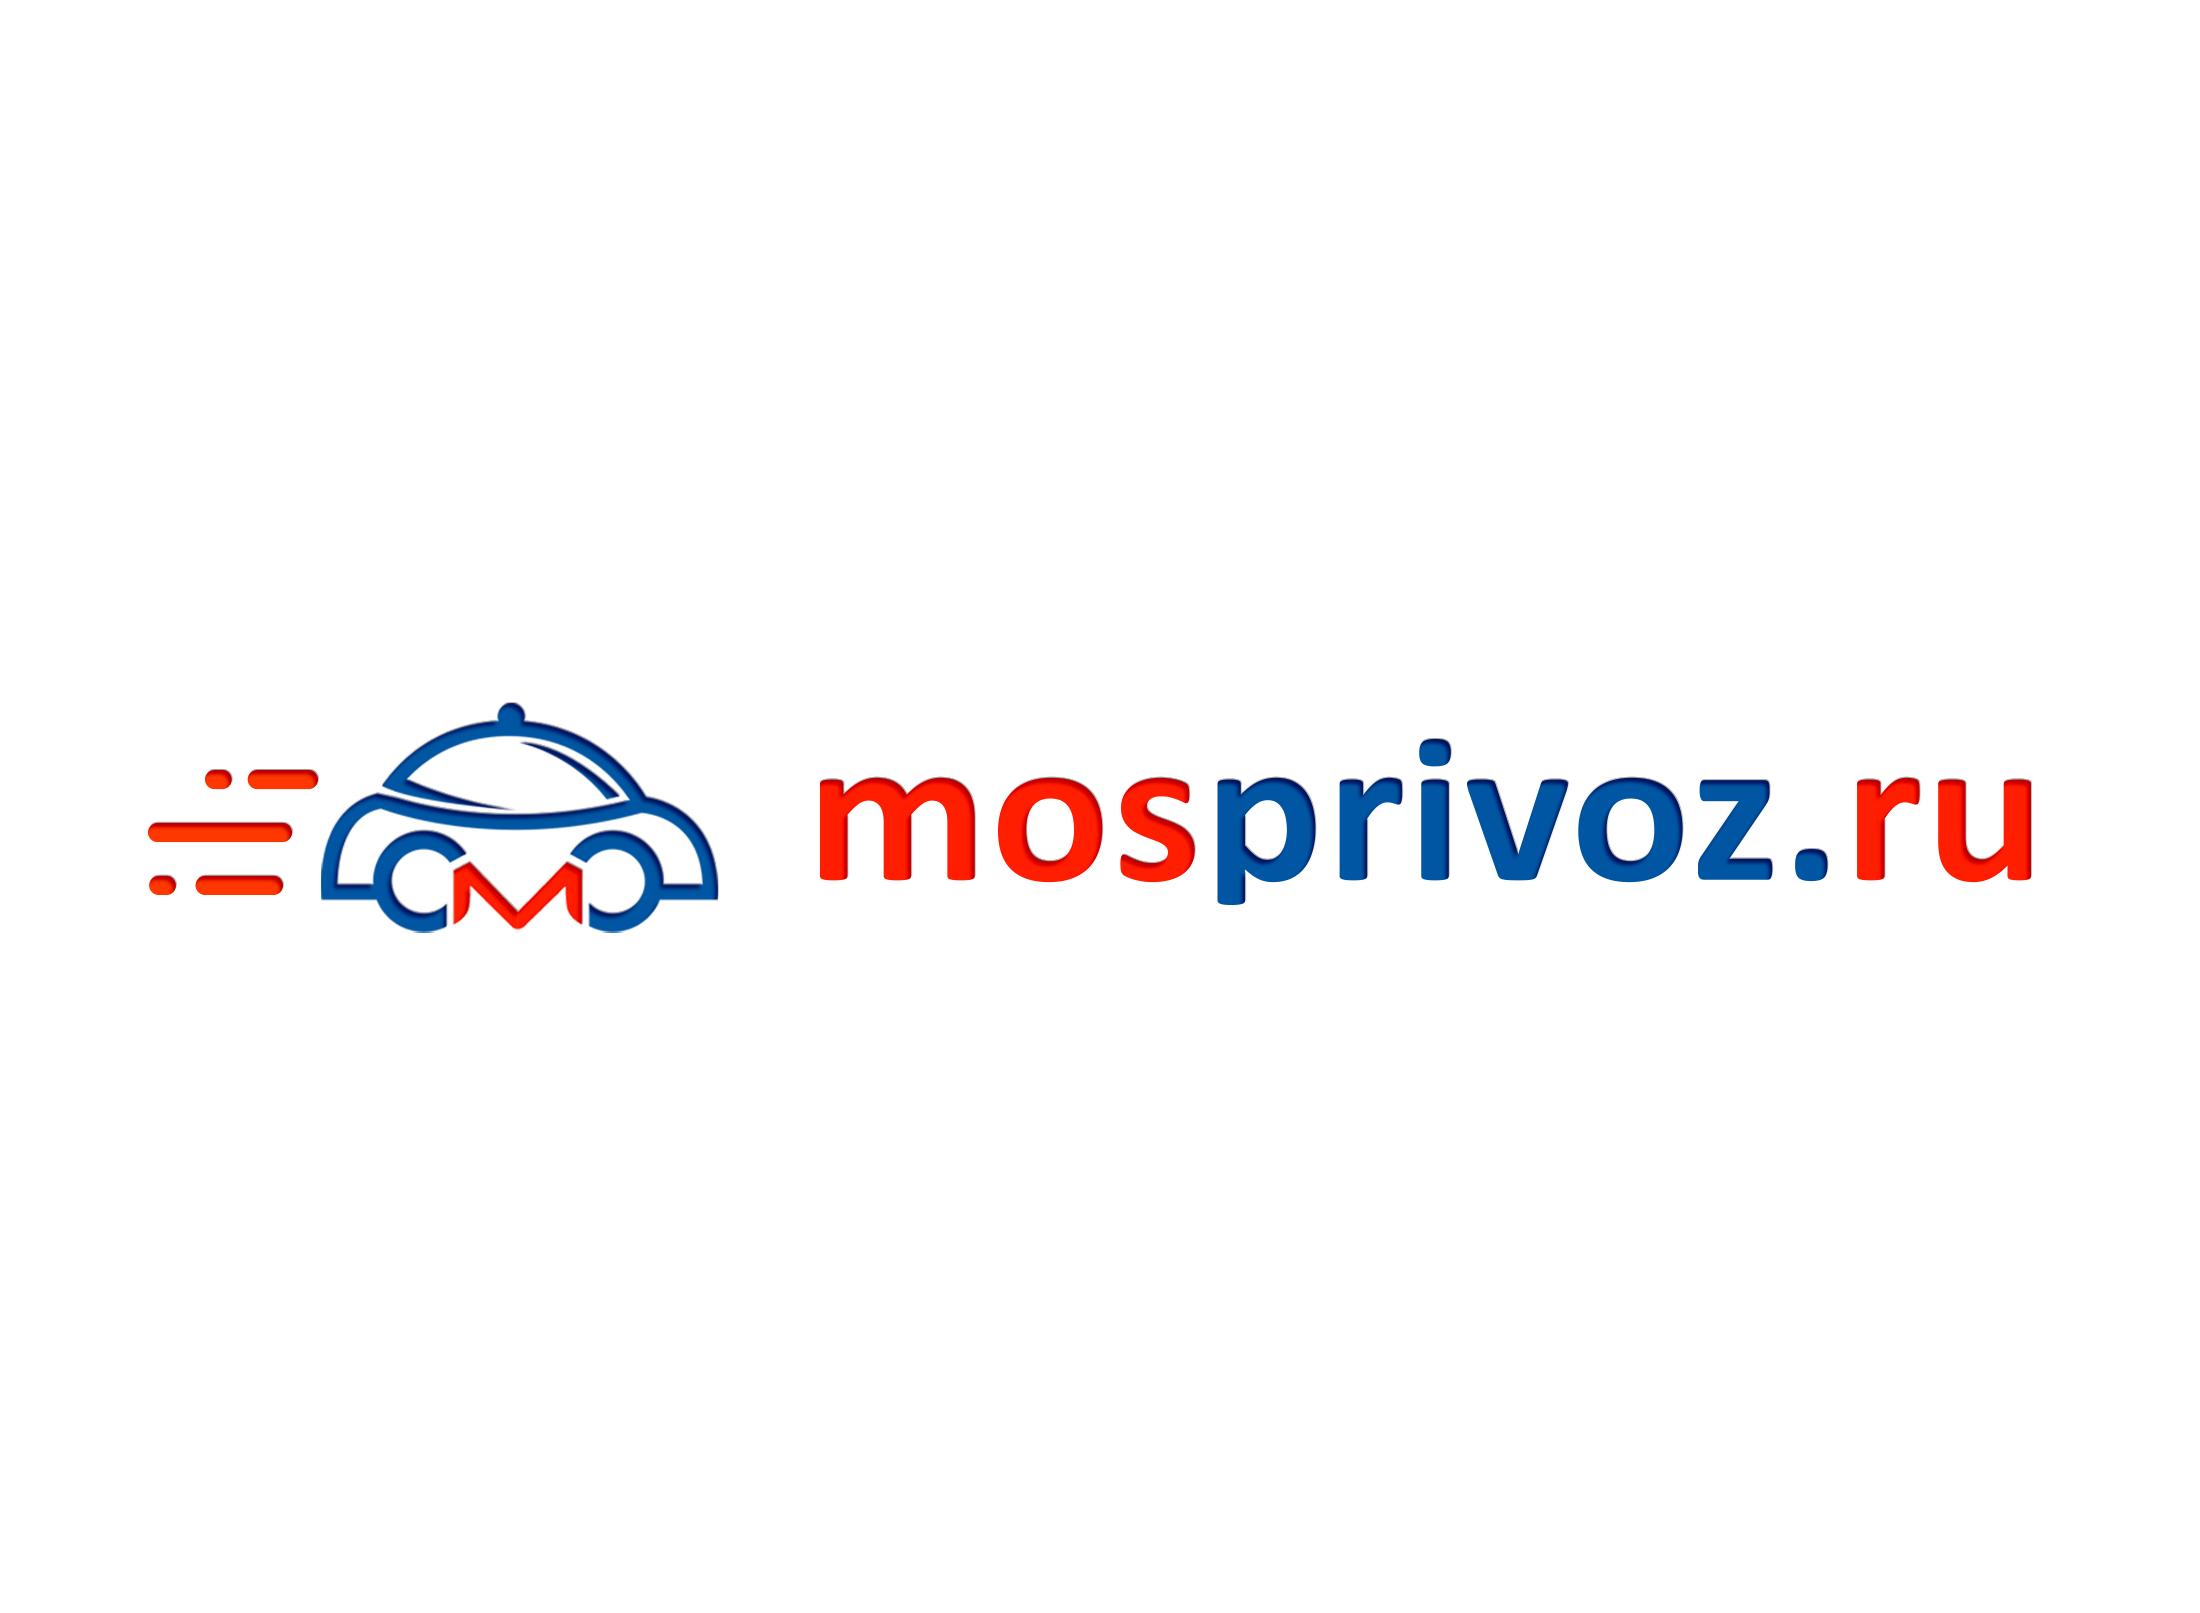 Логотип. Интернет - магазин по доставке продуктов питания. фото f_7675ada539685f5e.jpg